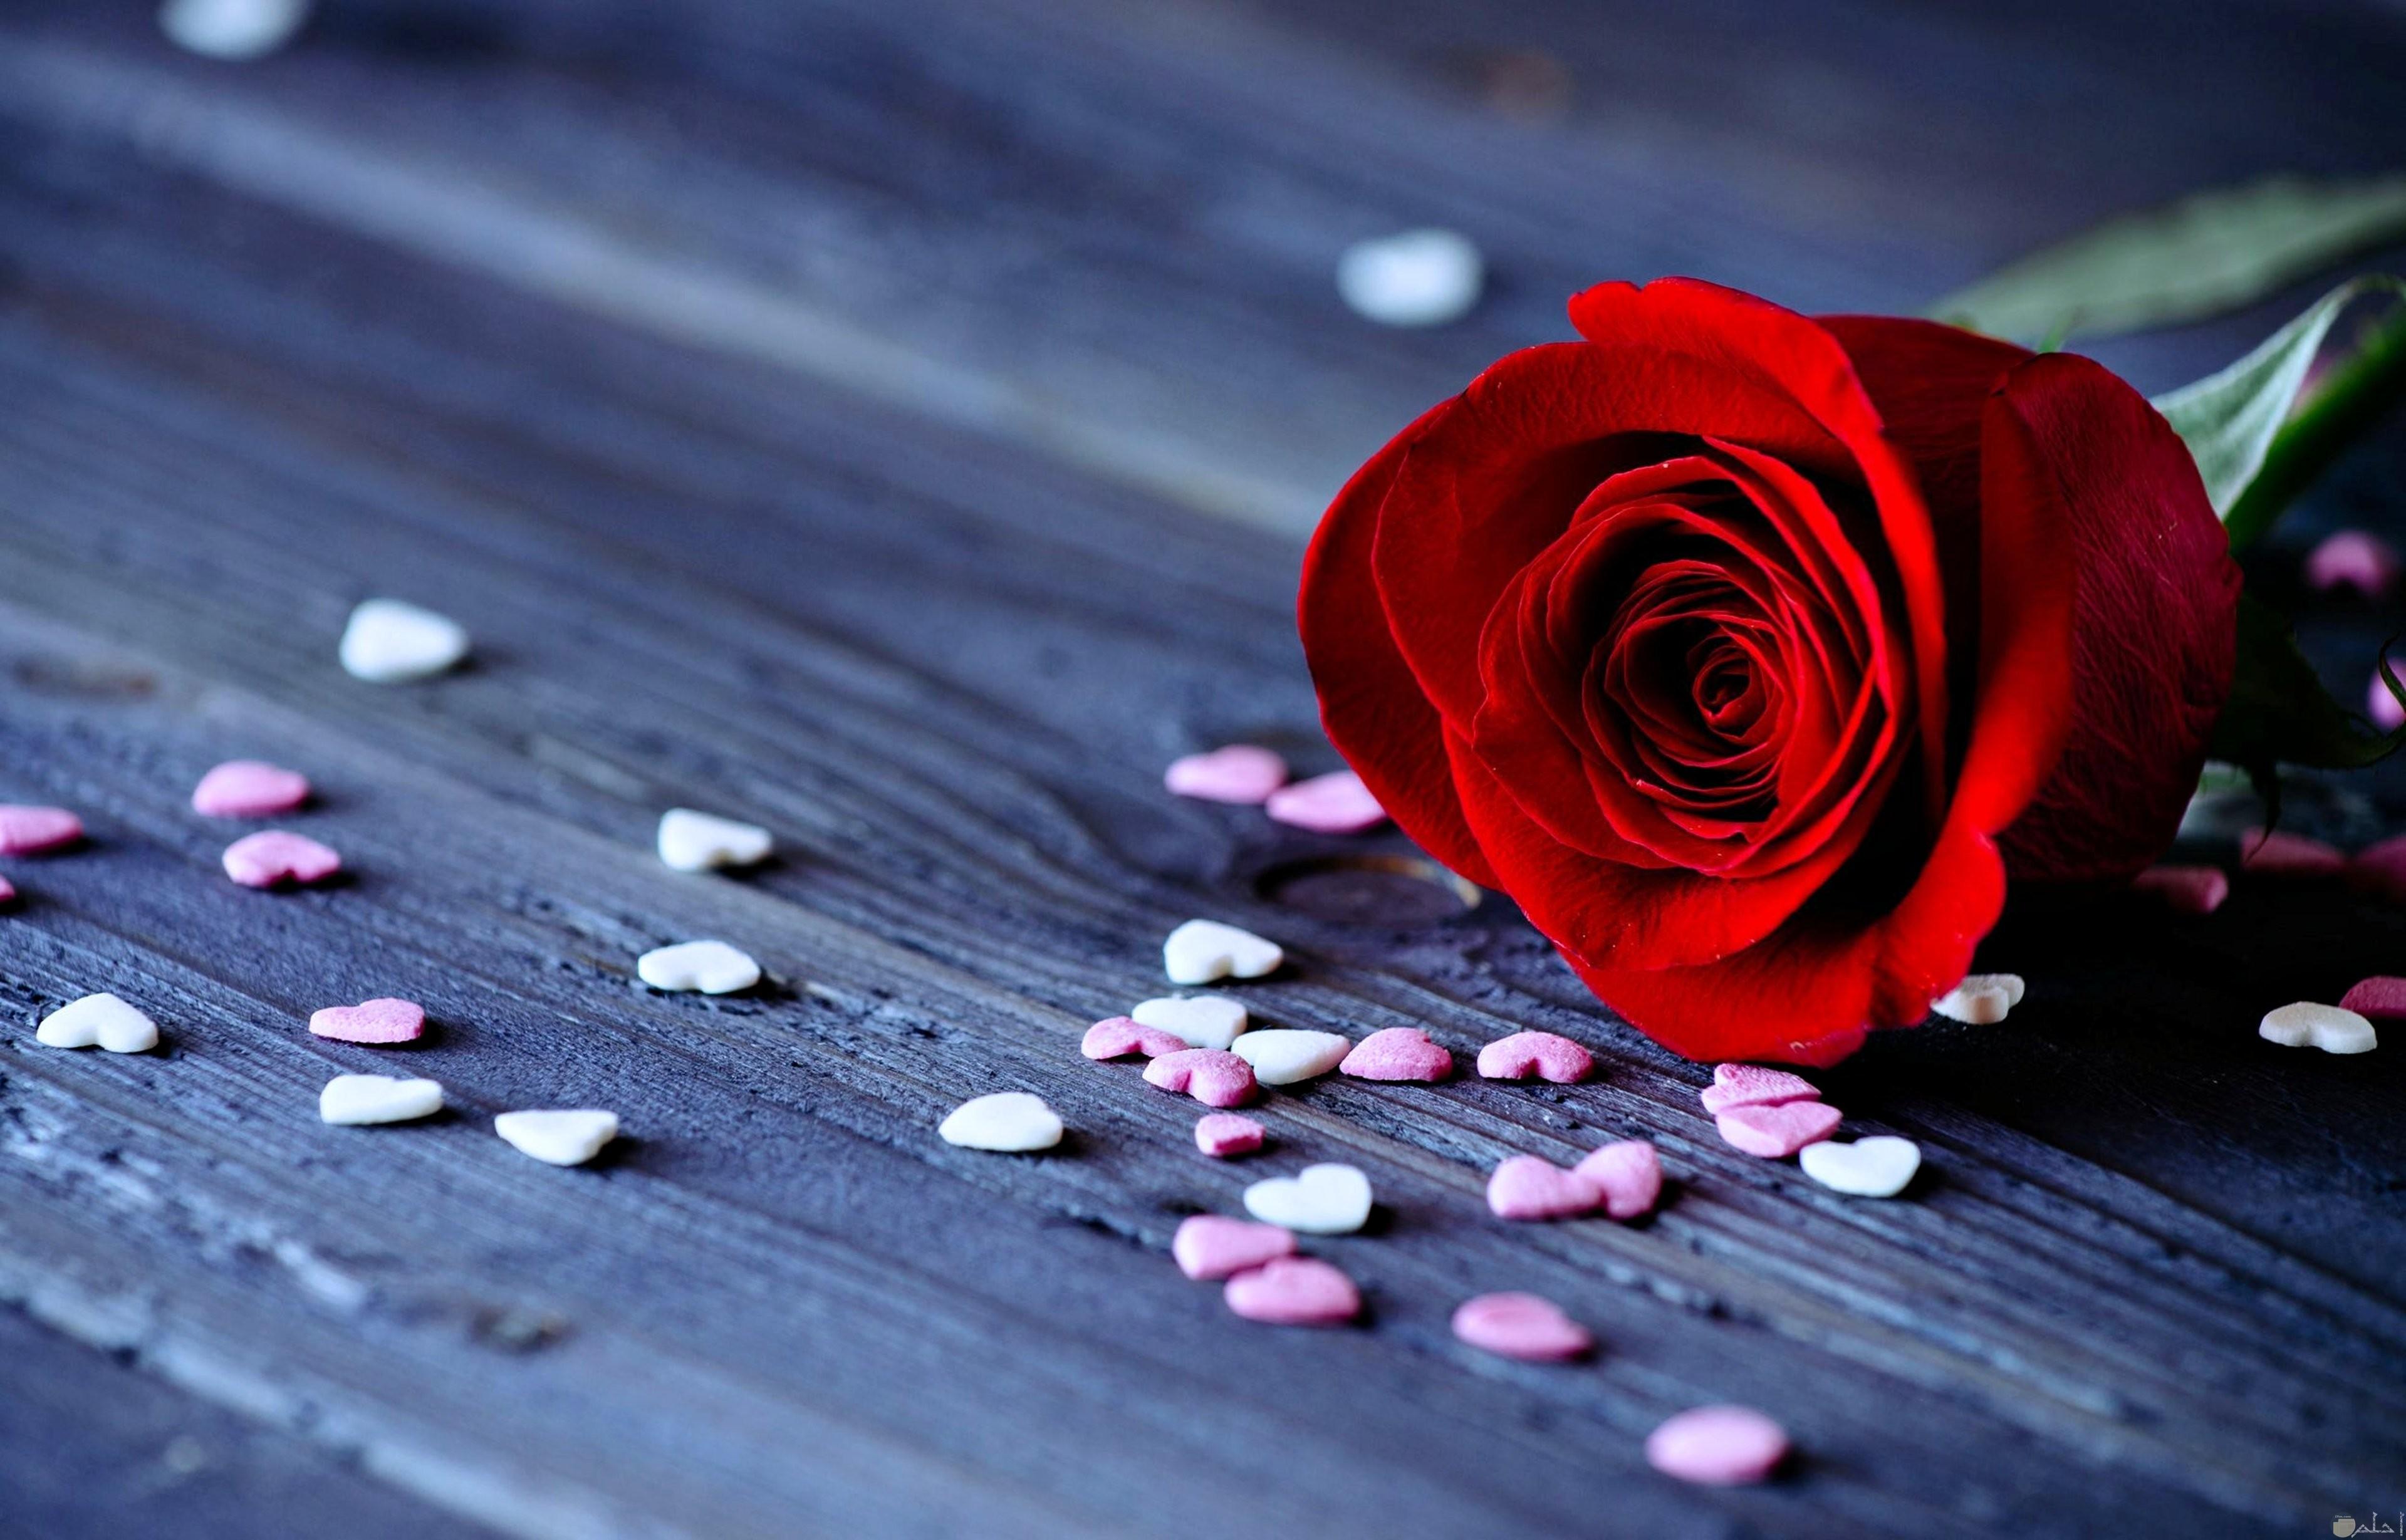 صور لورده حمراء جميلة حولها مجموعة من القلوب الصغيرة